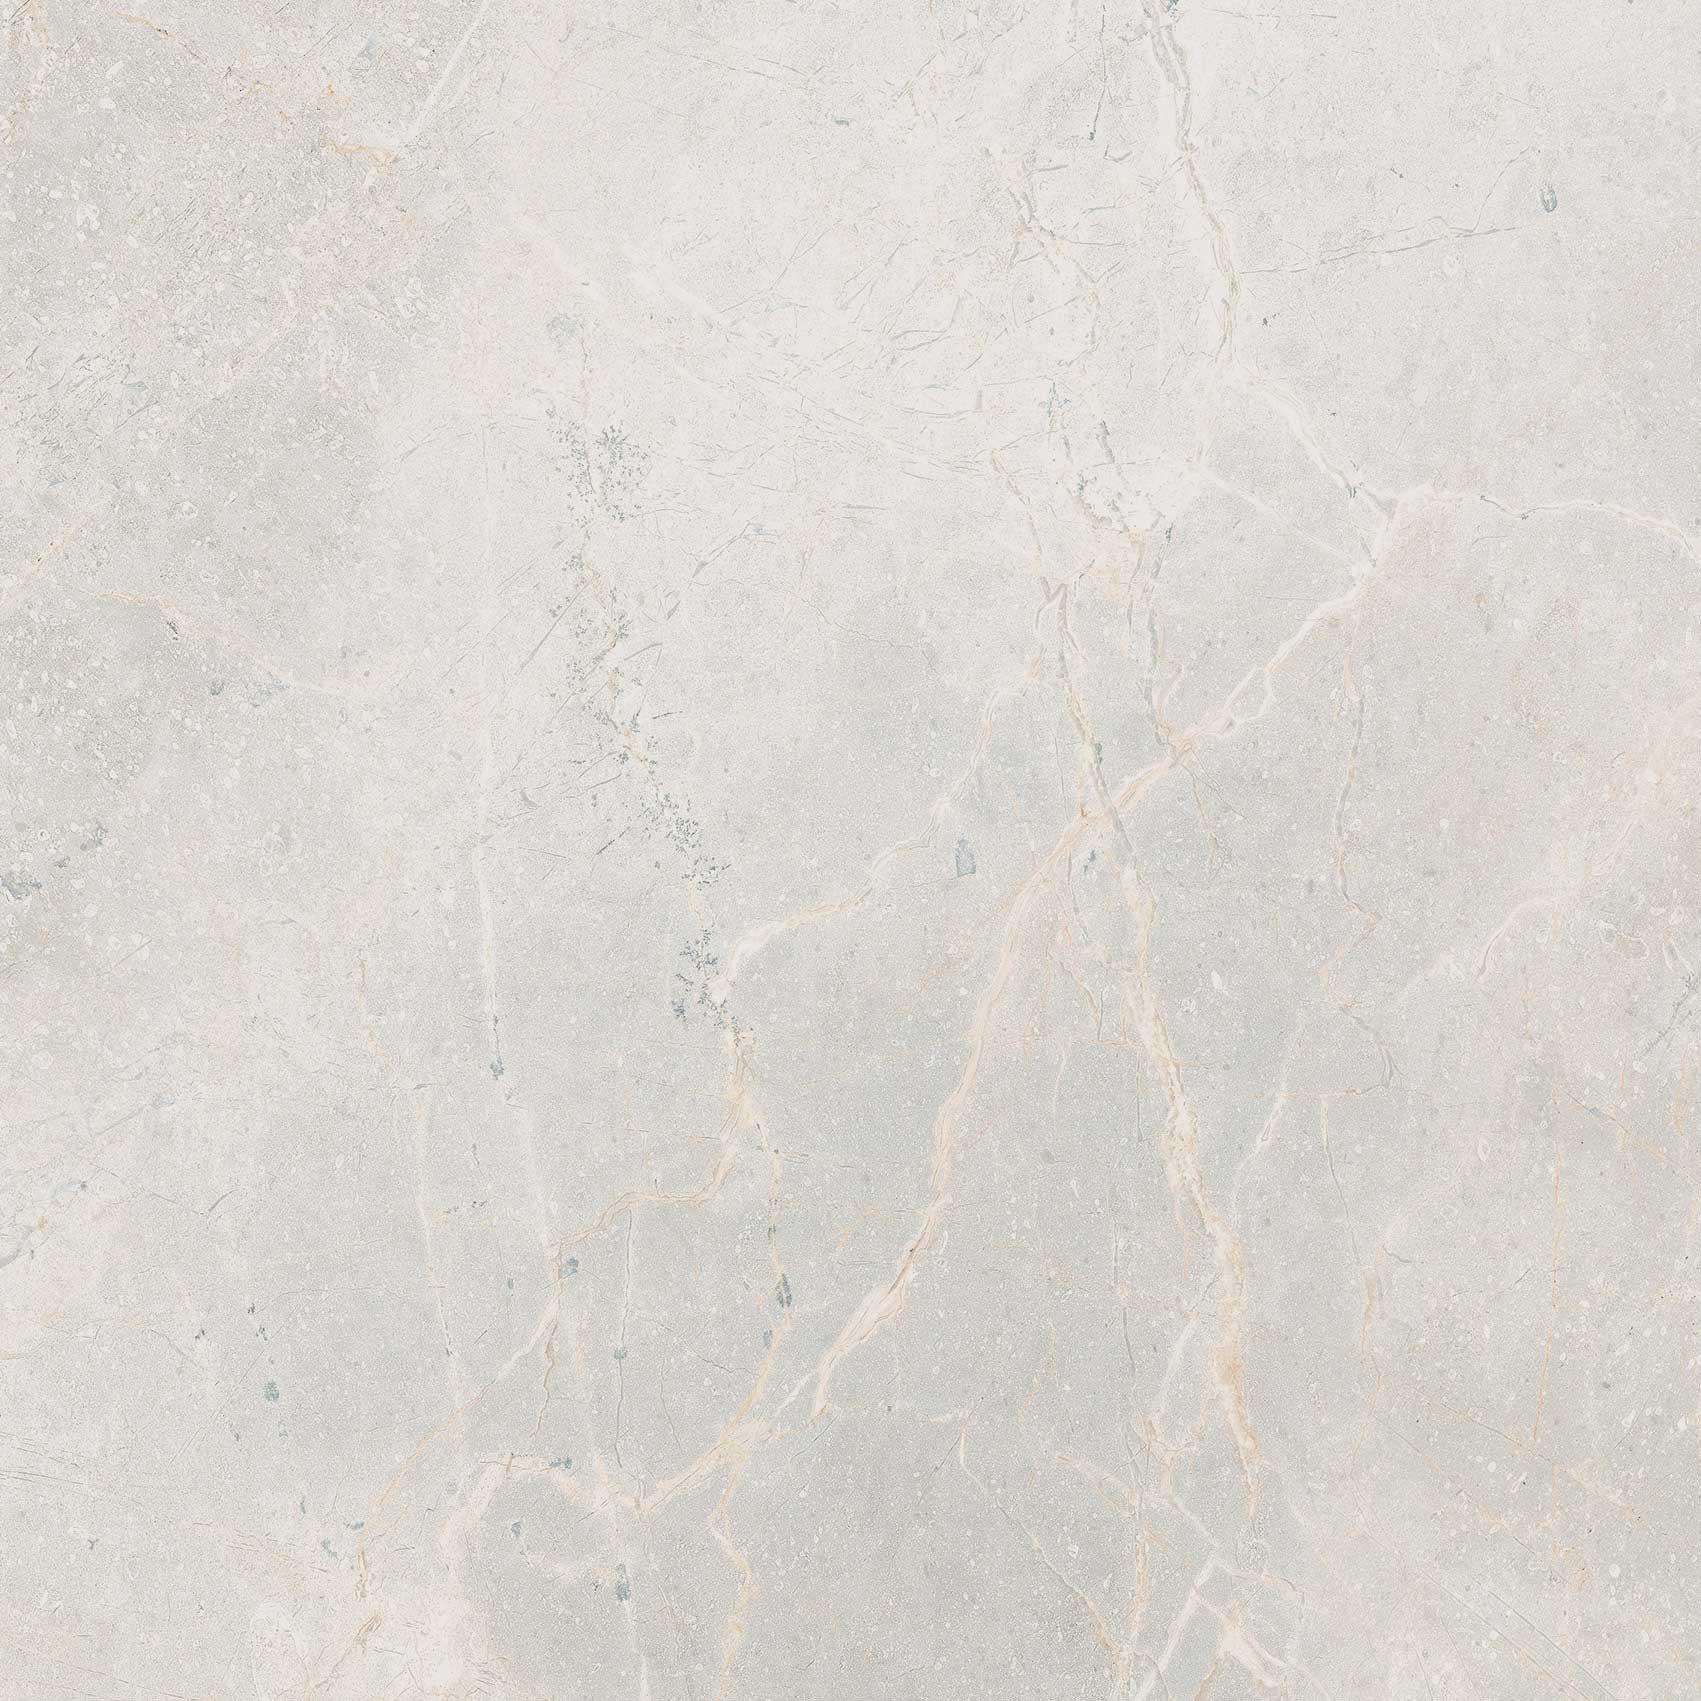 Masterstone white mat - dlaždice rektifikovaná 59,7x59,7 bílá